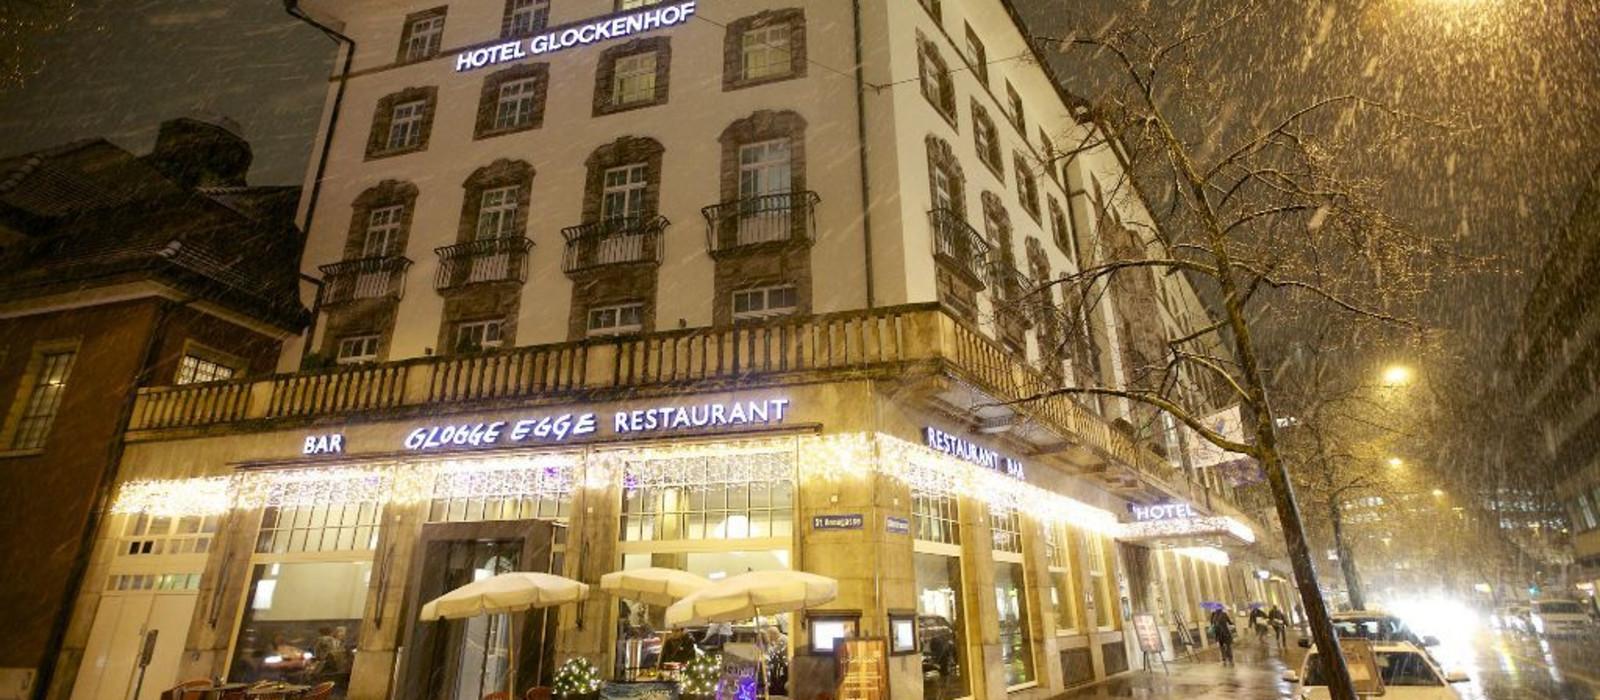 Hotel Glockenhof %region%